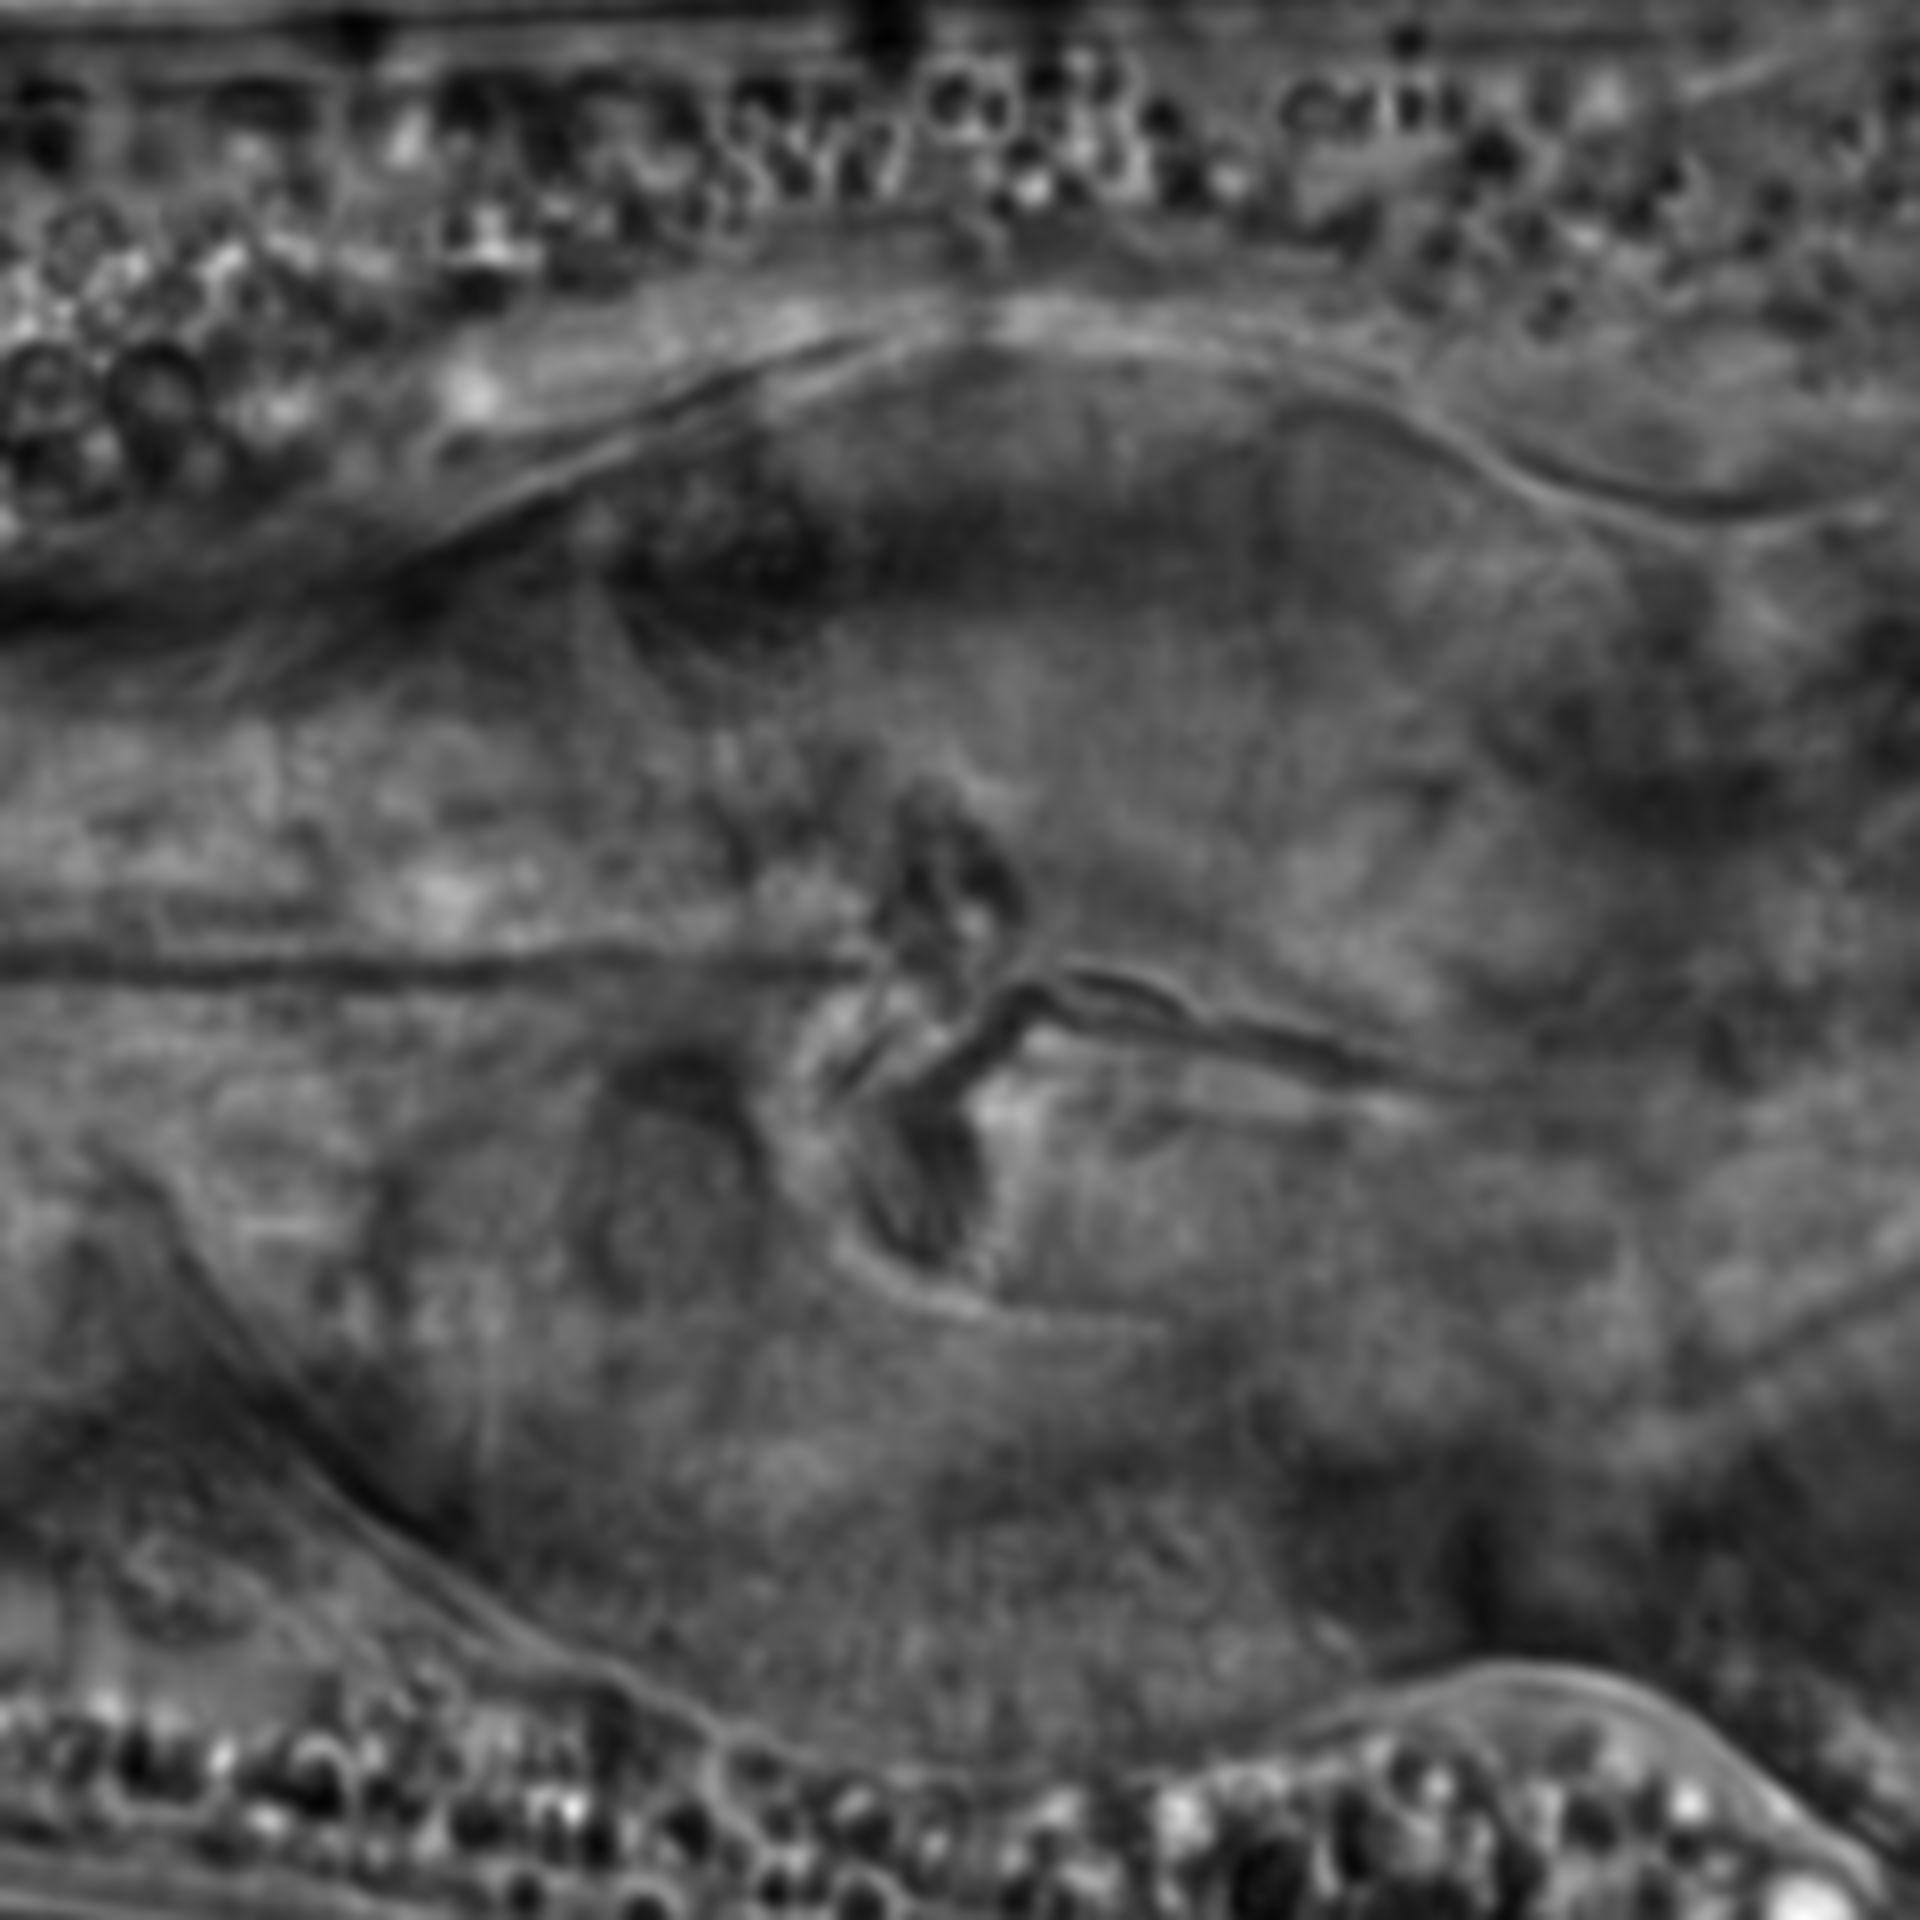 Caenorhabditis elegans - CIL:2289